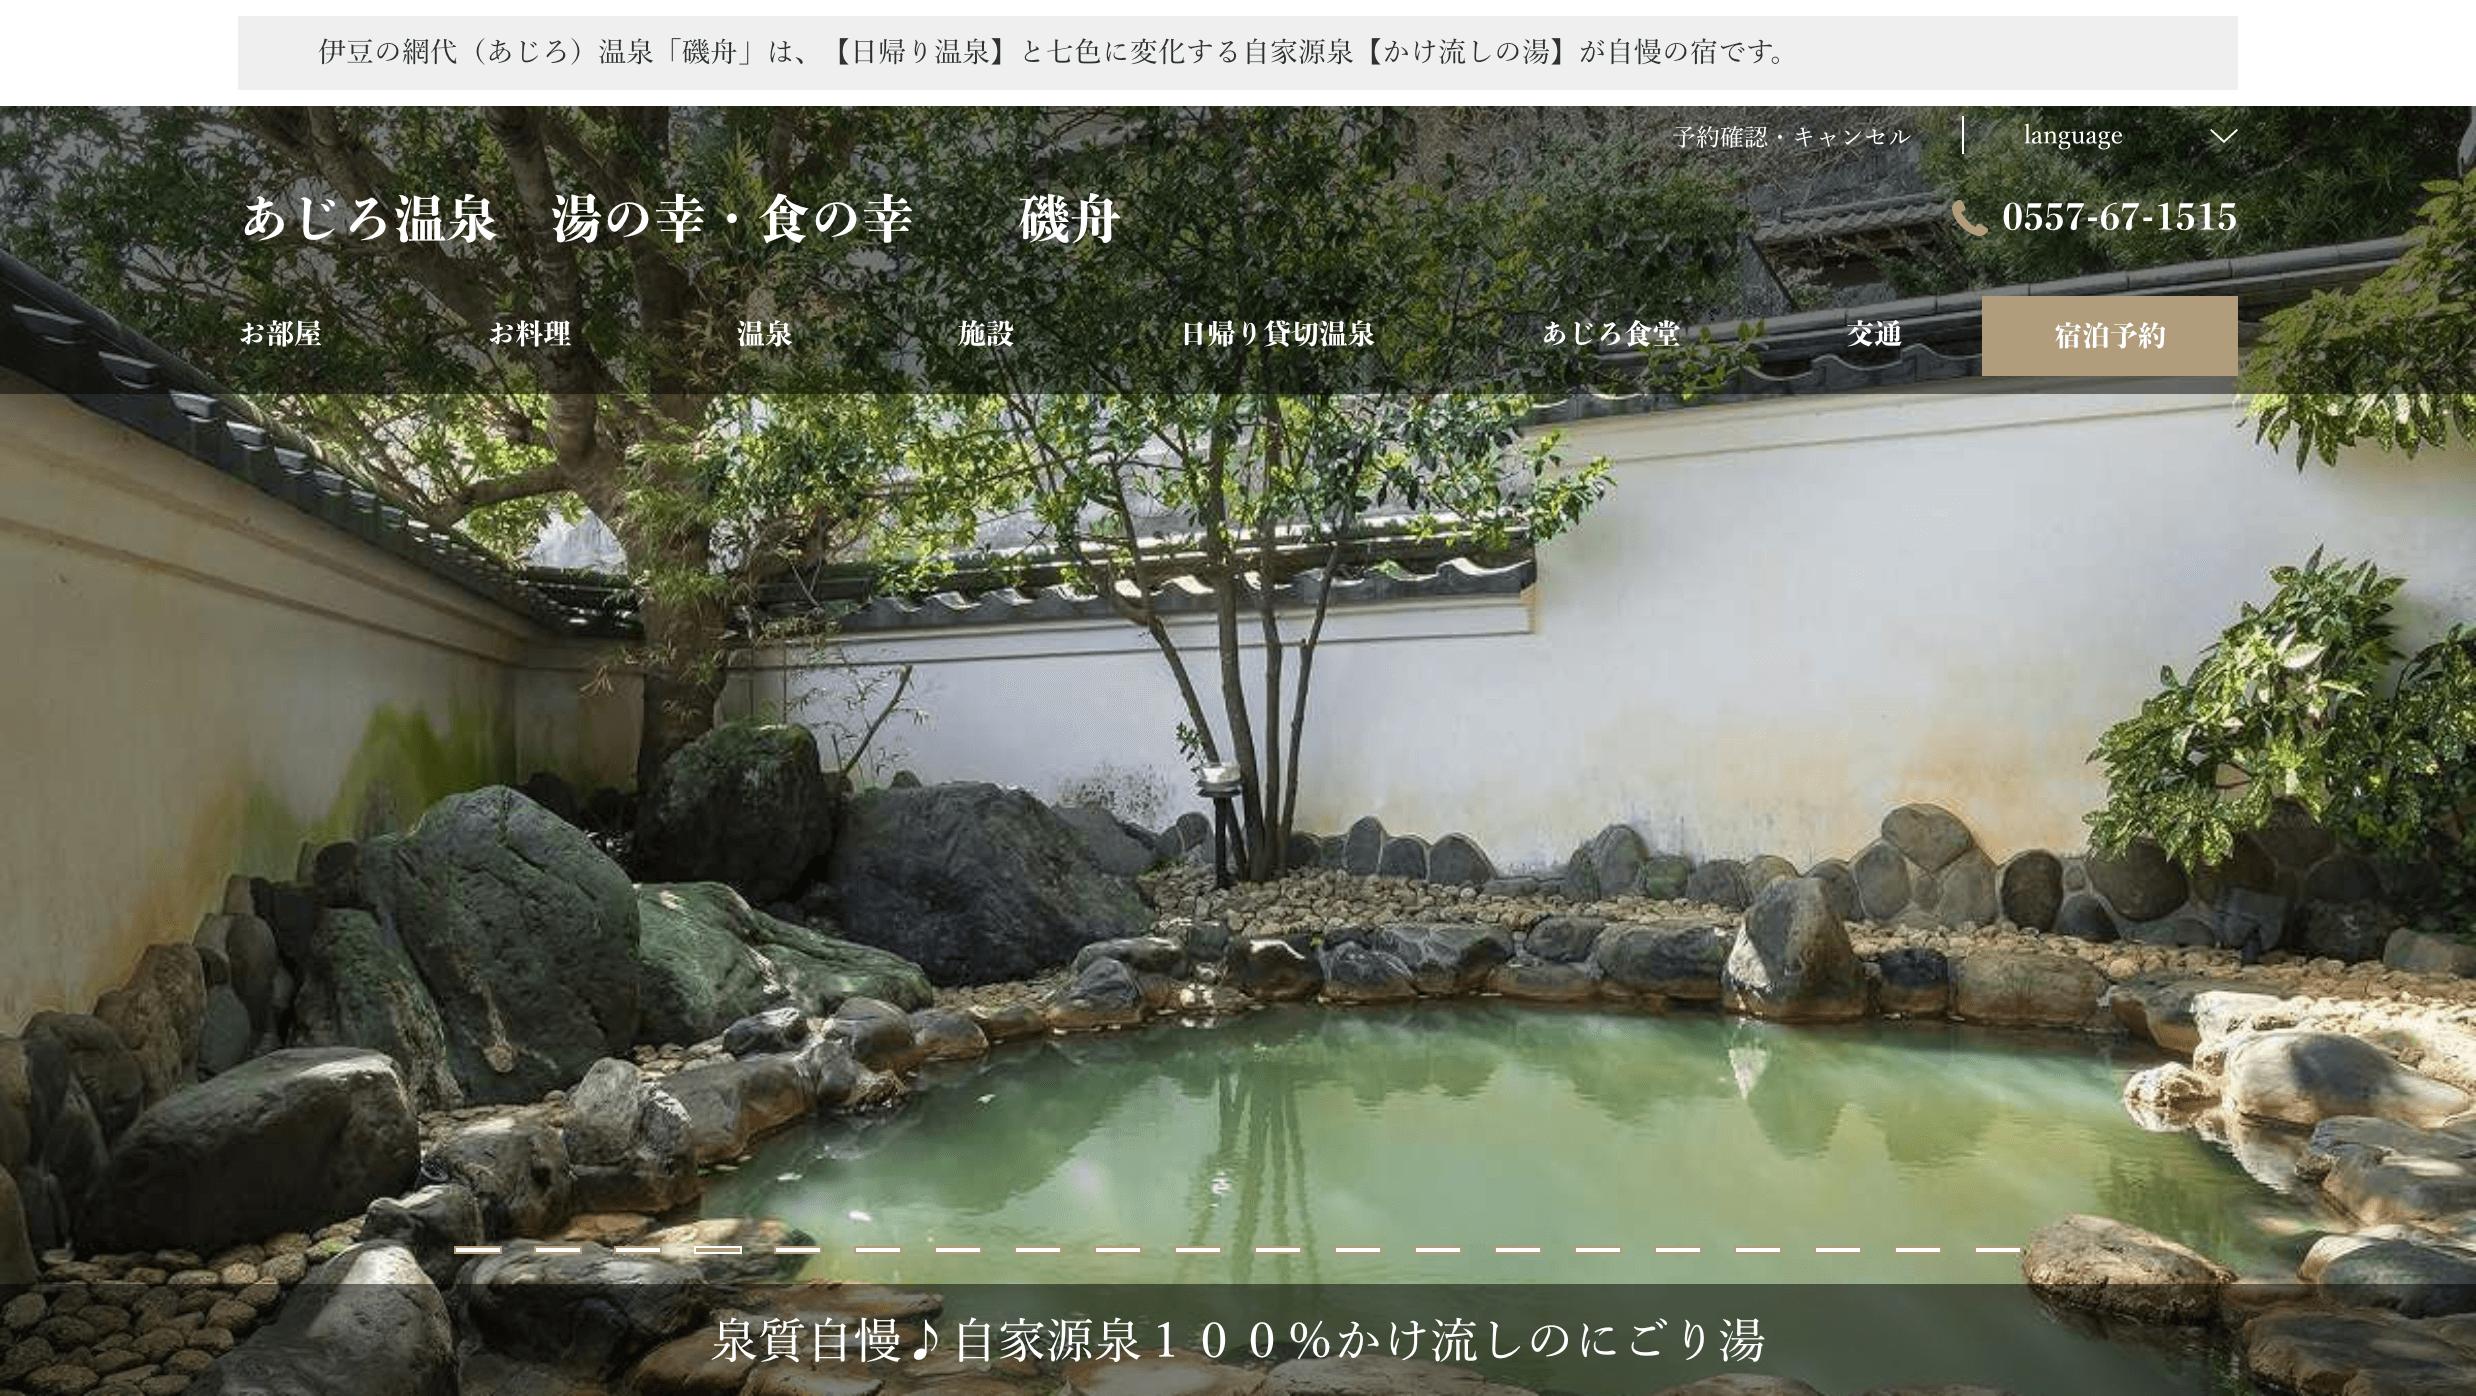 磯舟の温泉